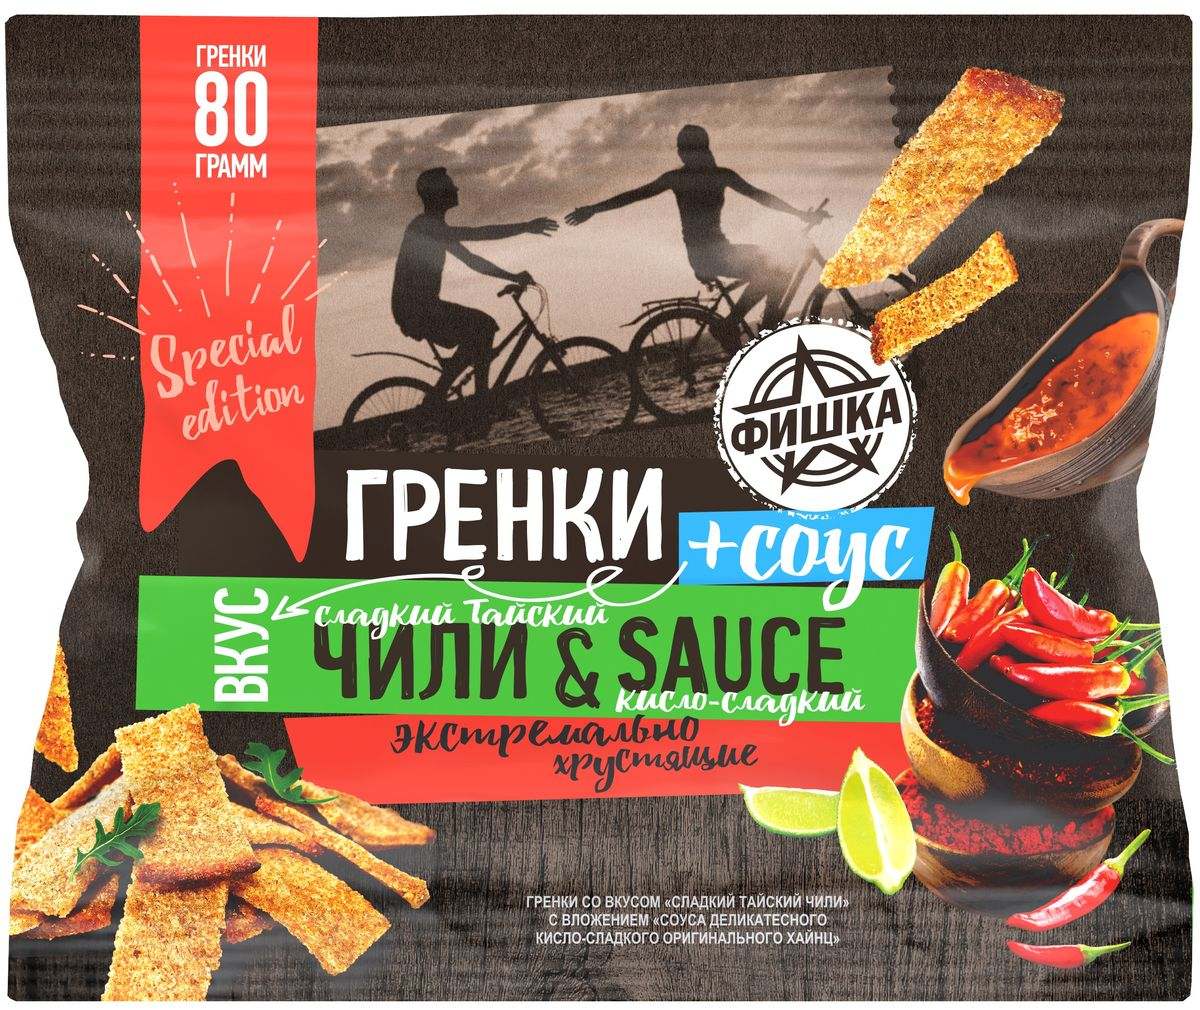 Фишка гренки со вкусом сладкий тайский чили, 80 г с кисло-сладким соусом, 25 г